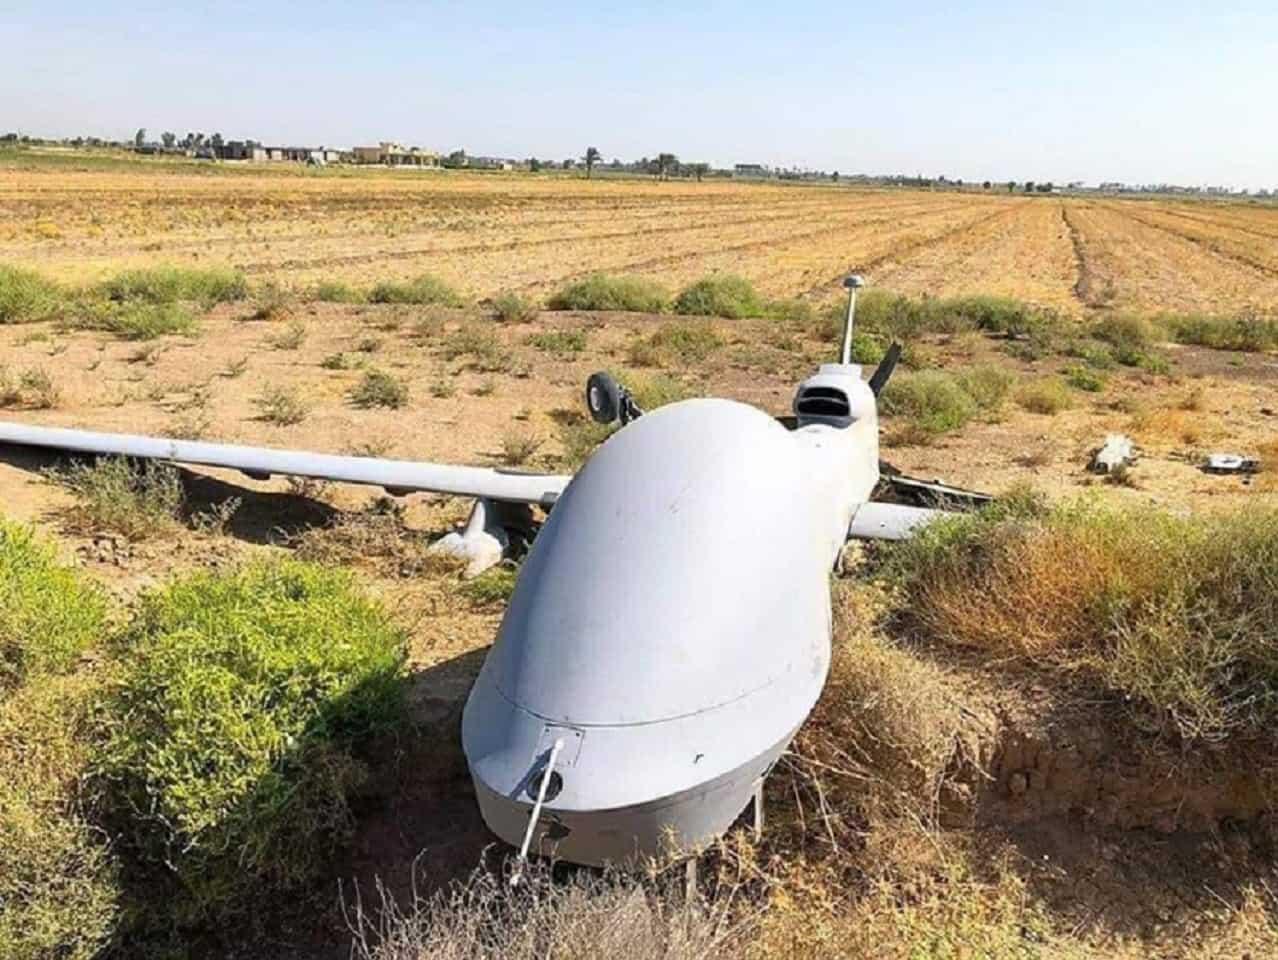 美媒稱美MQ1C無人機在伊墜毀 可能遭電子干擾